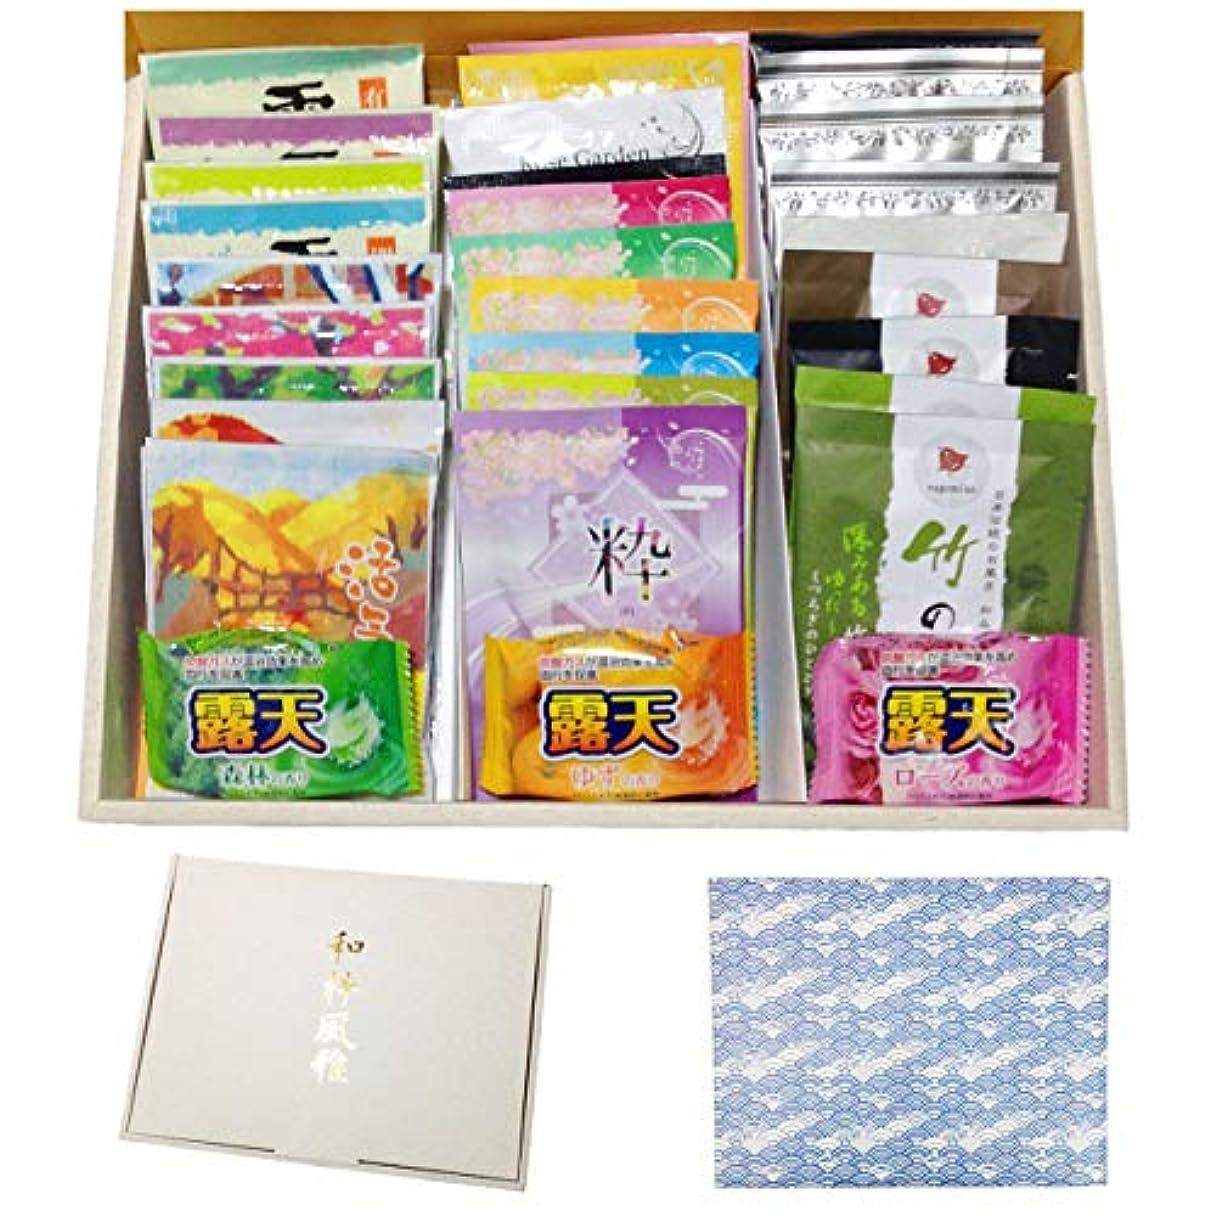 明るい乱用腹入浴剤 ギフト セット 日本製 温泉 炭酸 つめあわせ バスギフト プレゼント 30種類/50種類 (30個30種類)